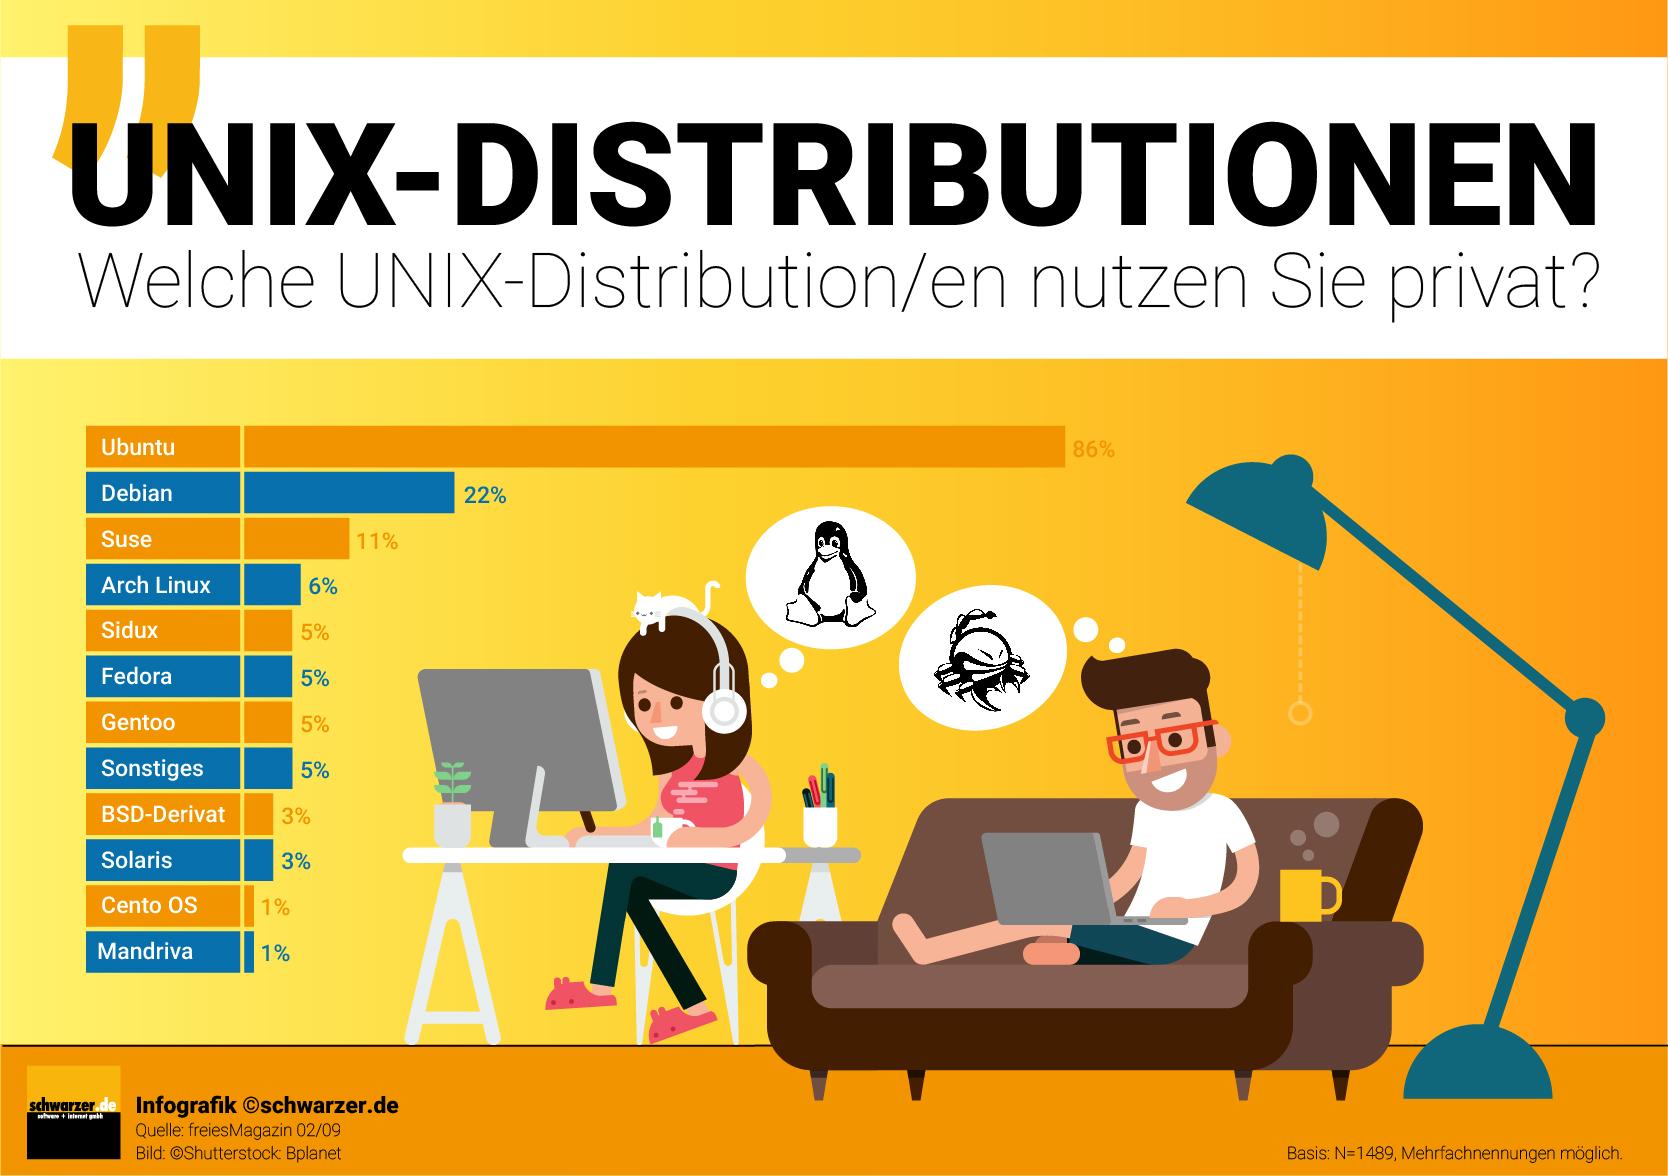 Infografik: Welche UNIX-Distributionen nutzen Sie privat?